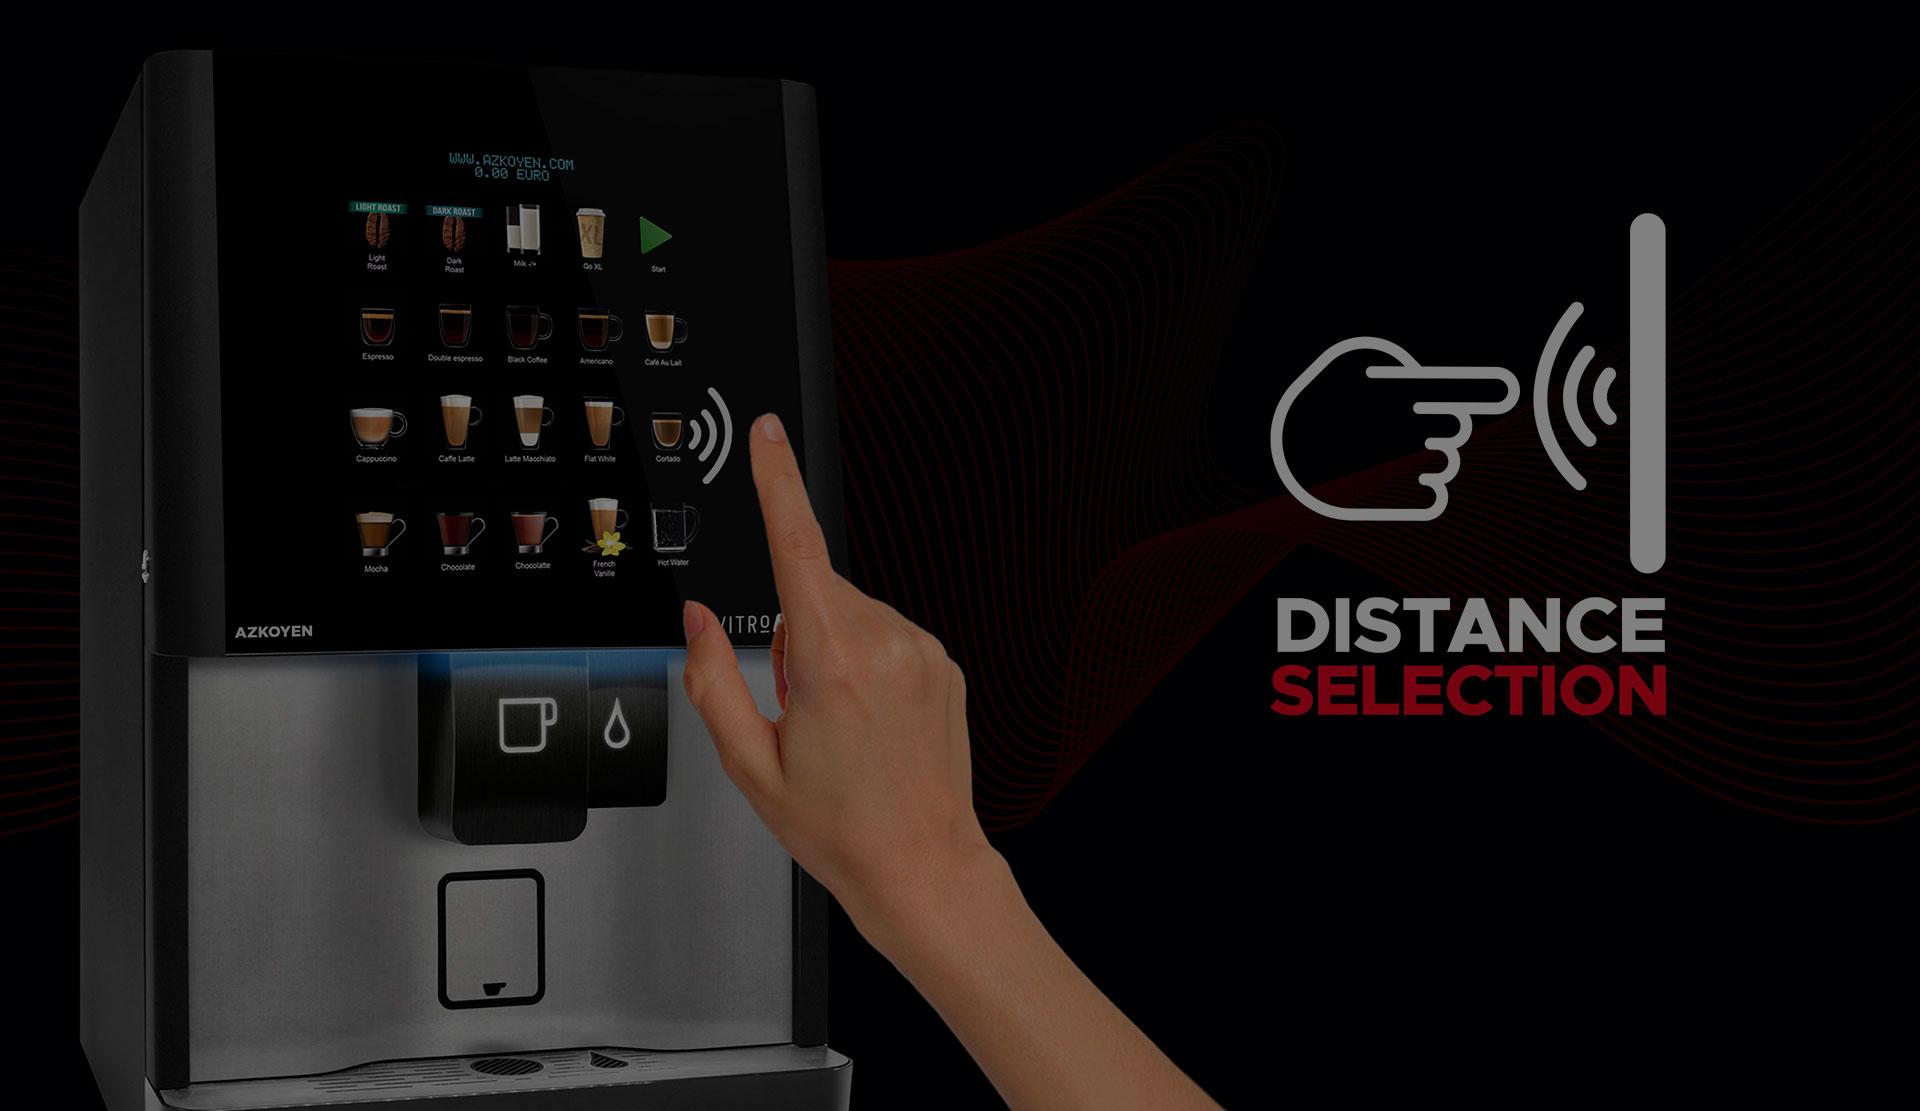 Die Azkoyen hat die Technologie Distance Selection patentiert, welche die Auswahl von Produkten in automatischen Maschinen ermöglicht, ohne die Notwendigkeit, Oberflächen zu berühren